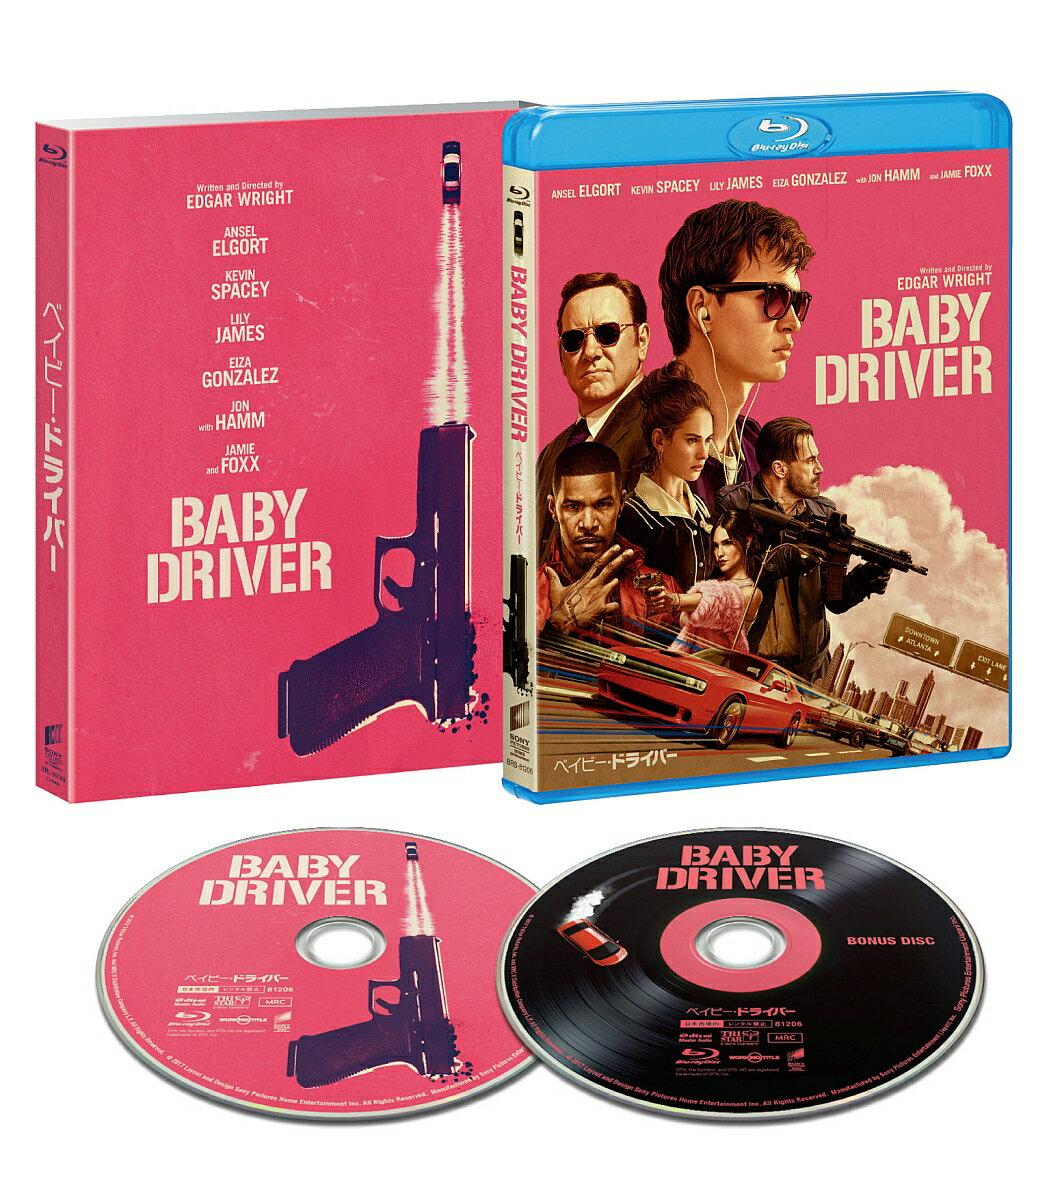 ベイビー・ドライバー(初回生産限定版)【Blu-ray】 [ アンセル・エルゴート ]